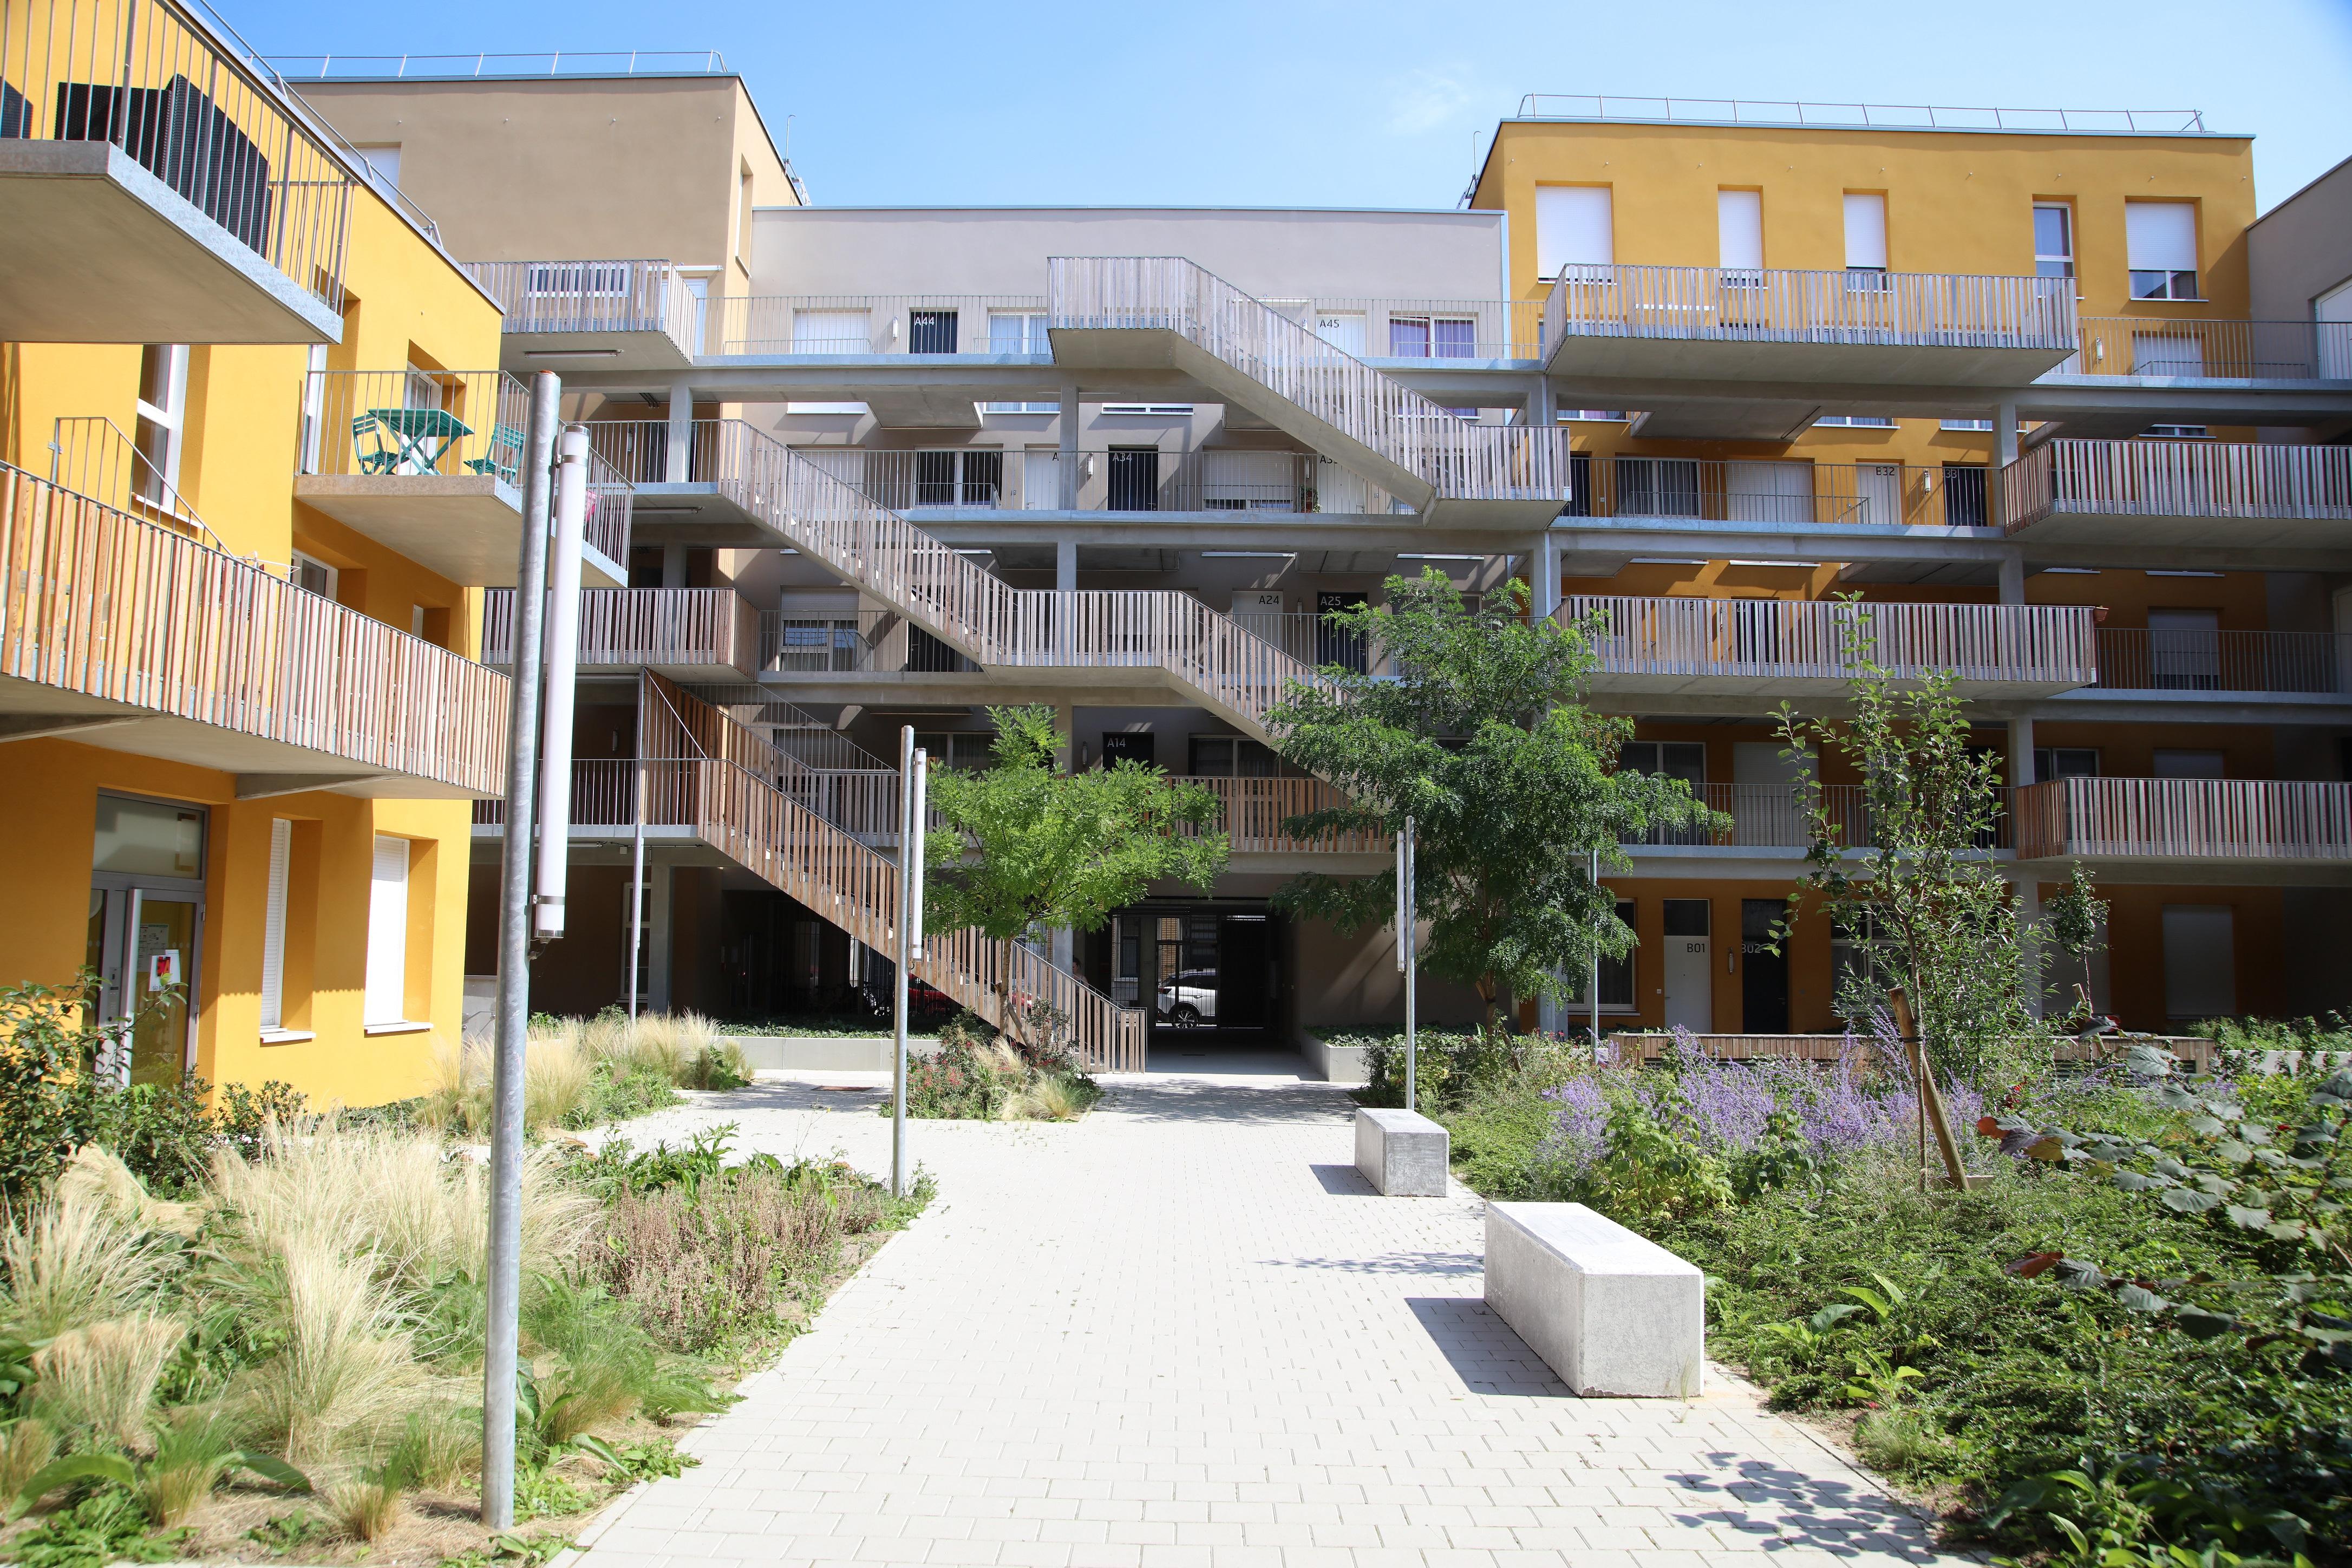 Inclusion & innovation sociale > A Lille, la résidence Rives se dote d'un Tiers-Lieu baptisé La Voisinerie